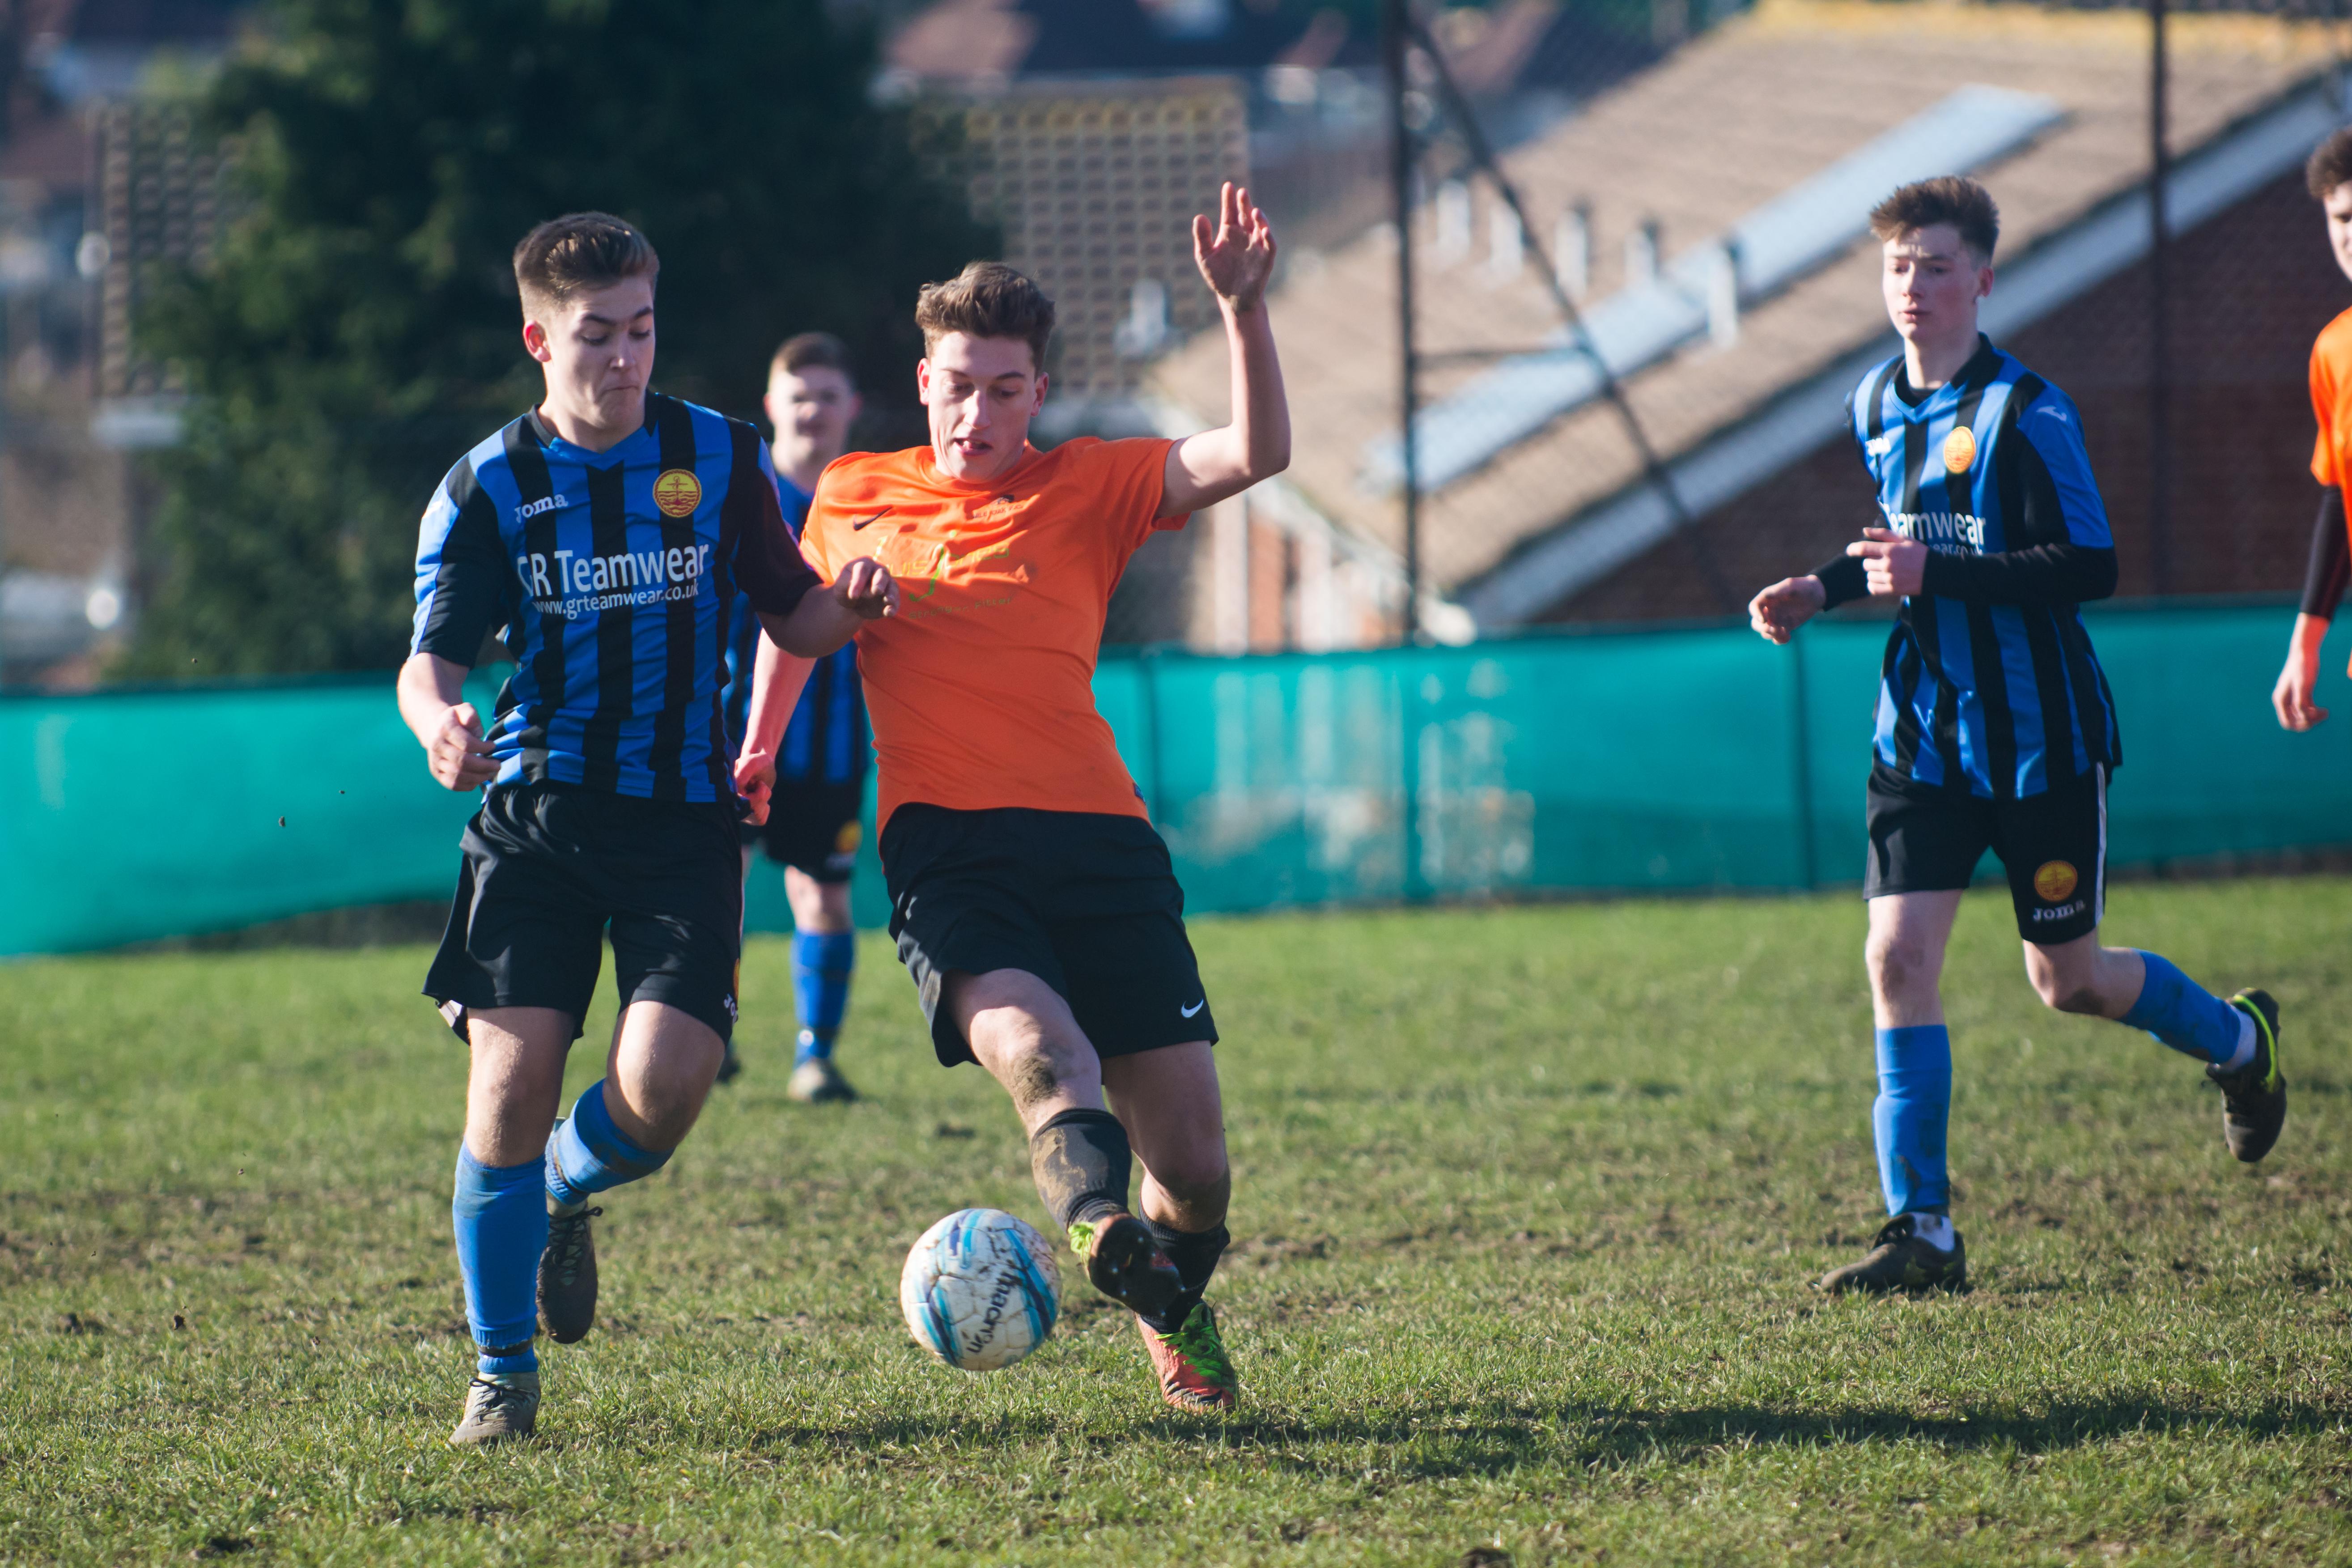 Mile Oak FC U18s vs Newhaven FC U18s 04.02.18 38